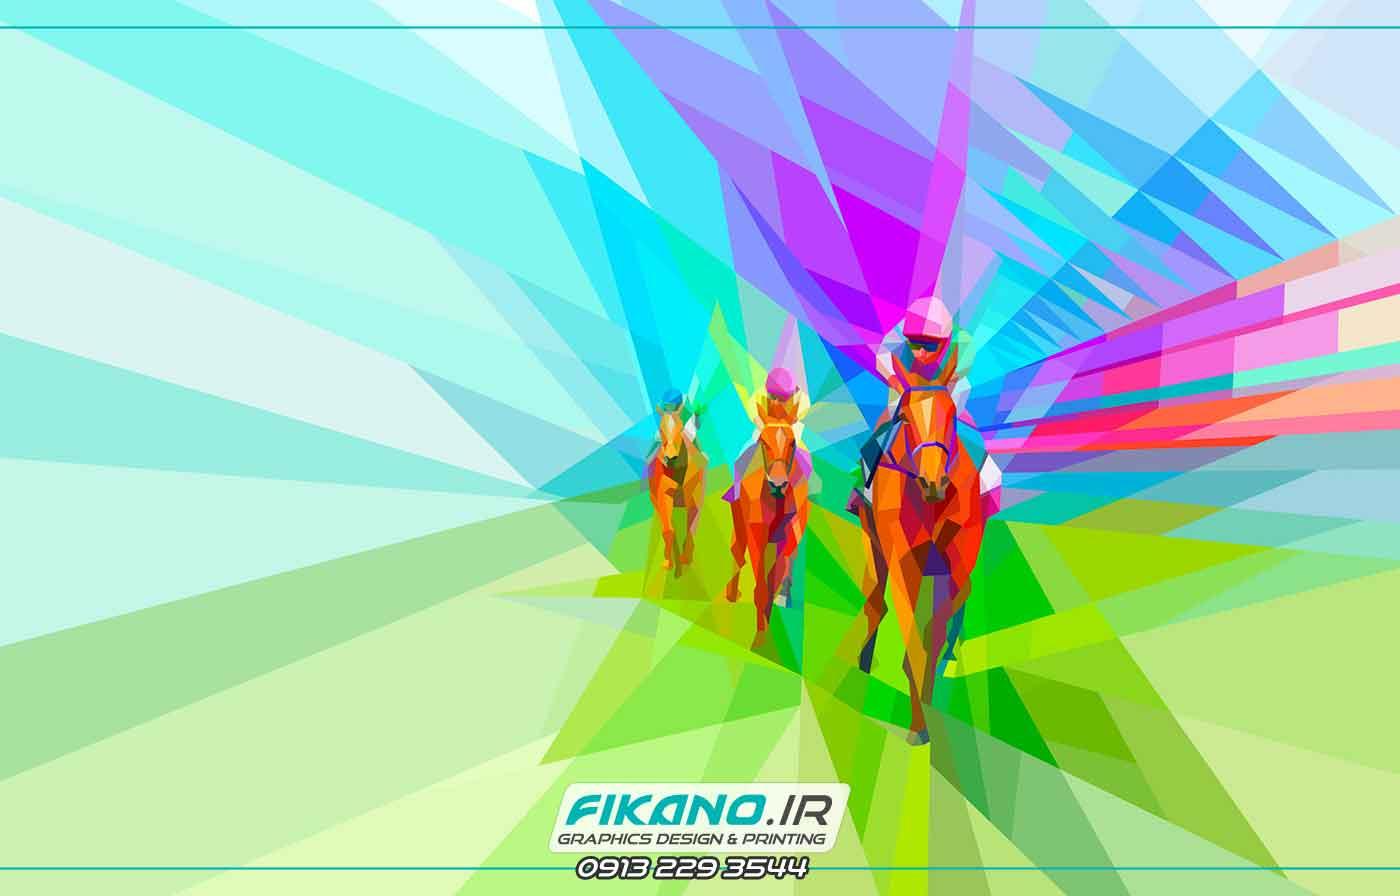 سفارش تصویرسازی کامپیوتری - وب سایت فیکانو www.fikano.ir